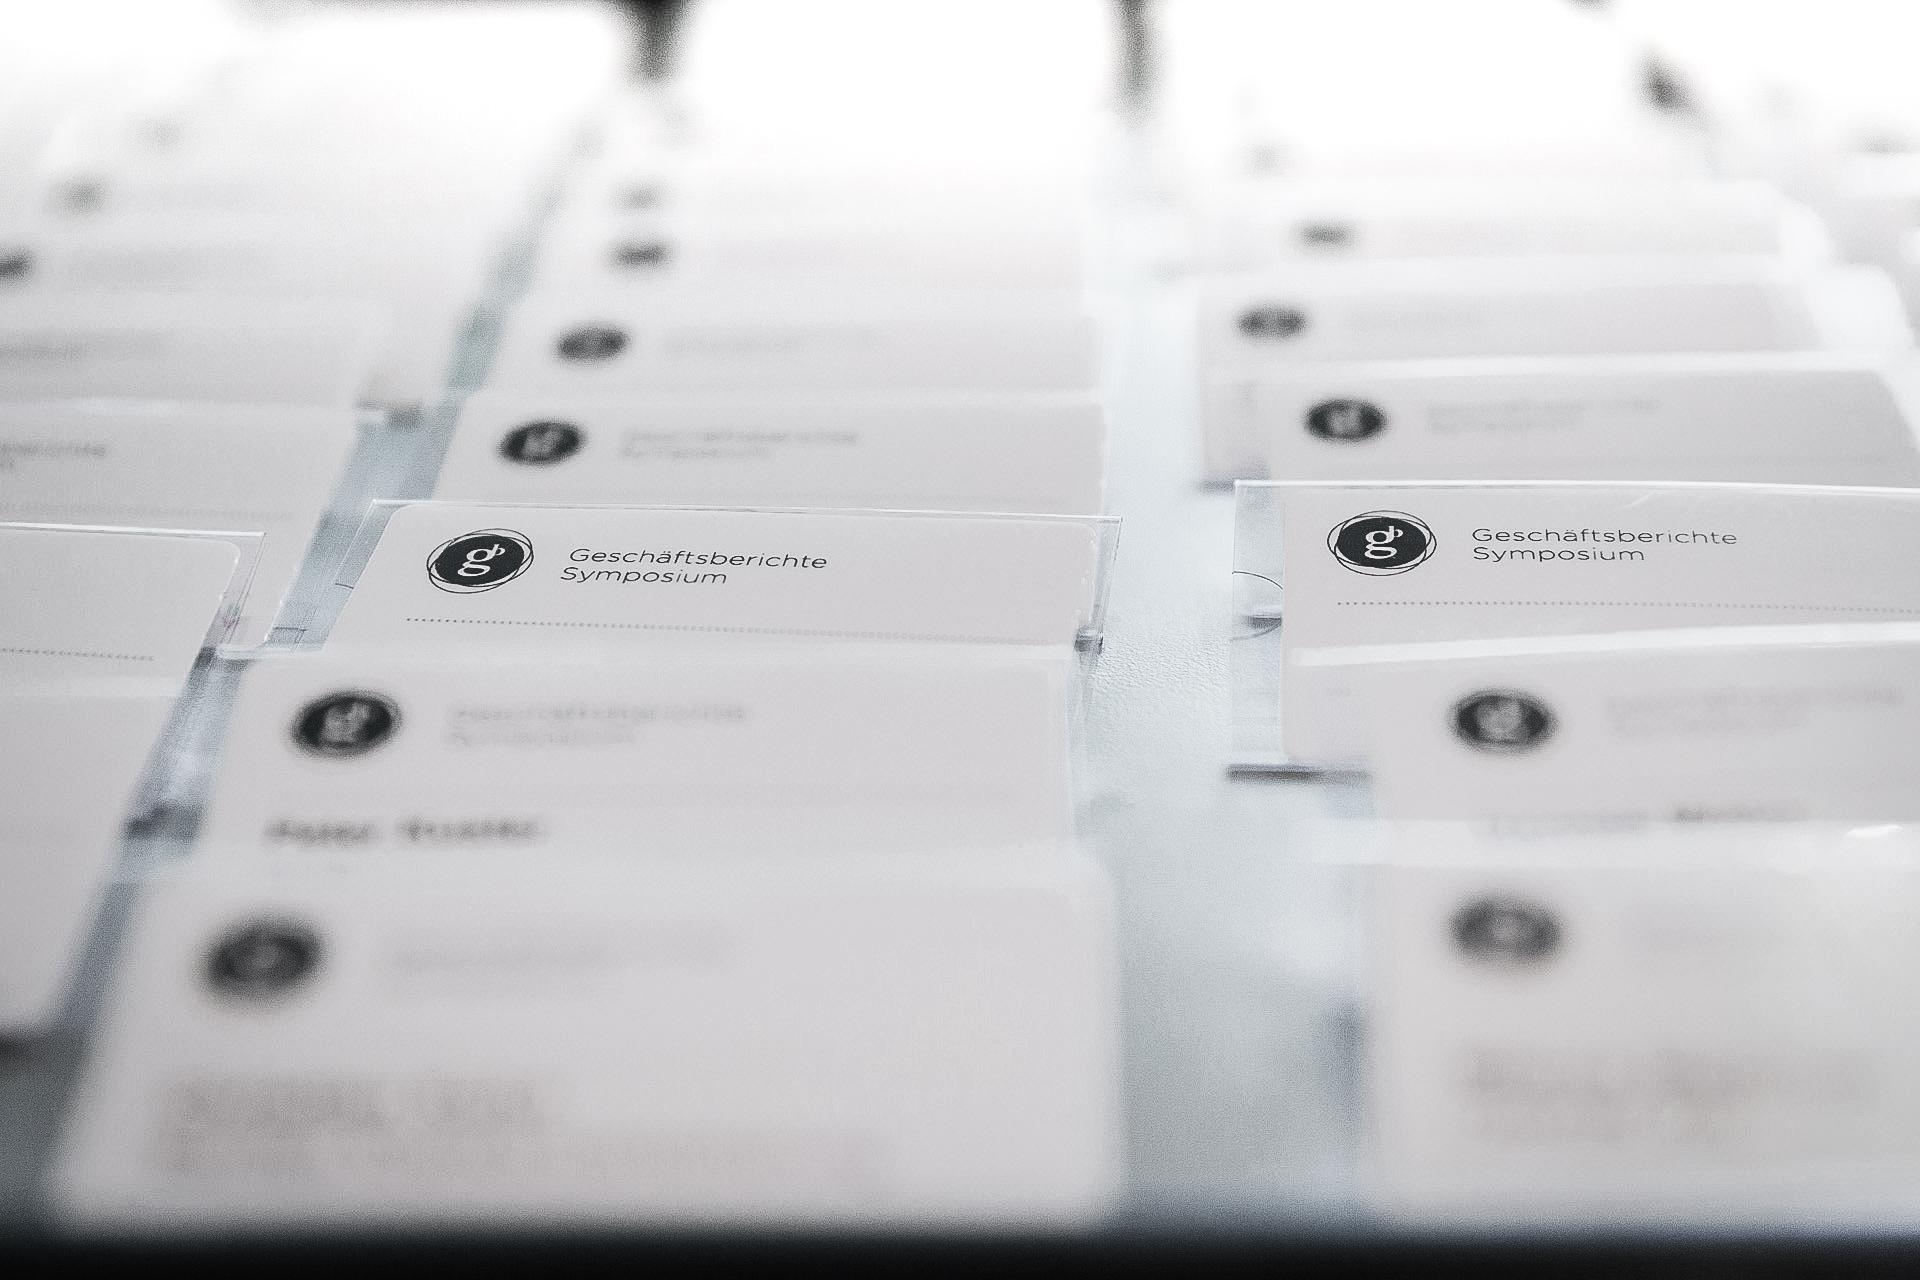 Das Geschäftsberichte-Symposium bringt jährlich Macher und Experten der Unternehmensberichterstattung zusammen.    mehr